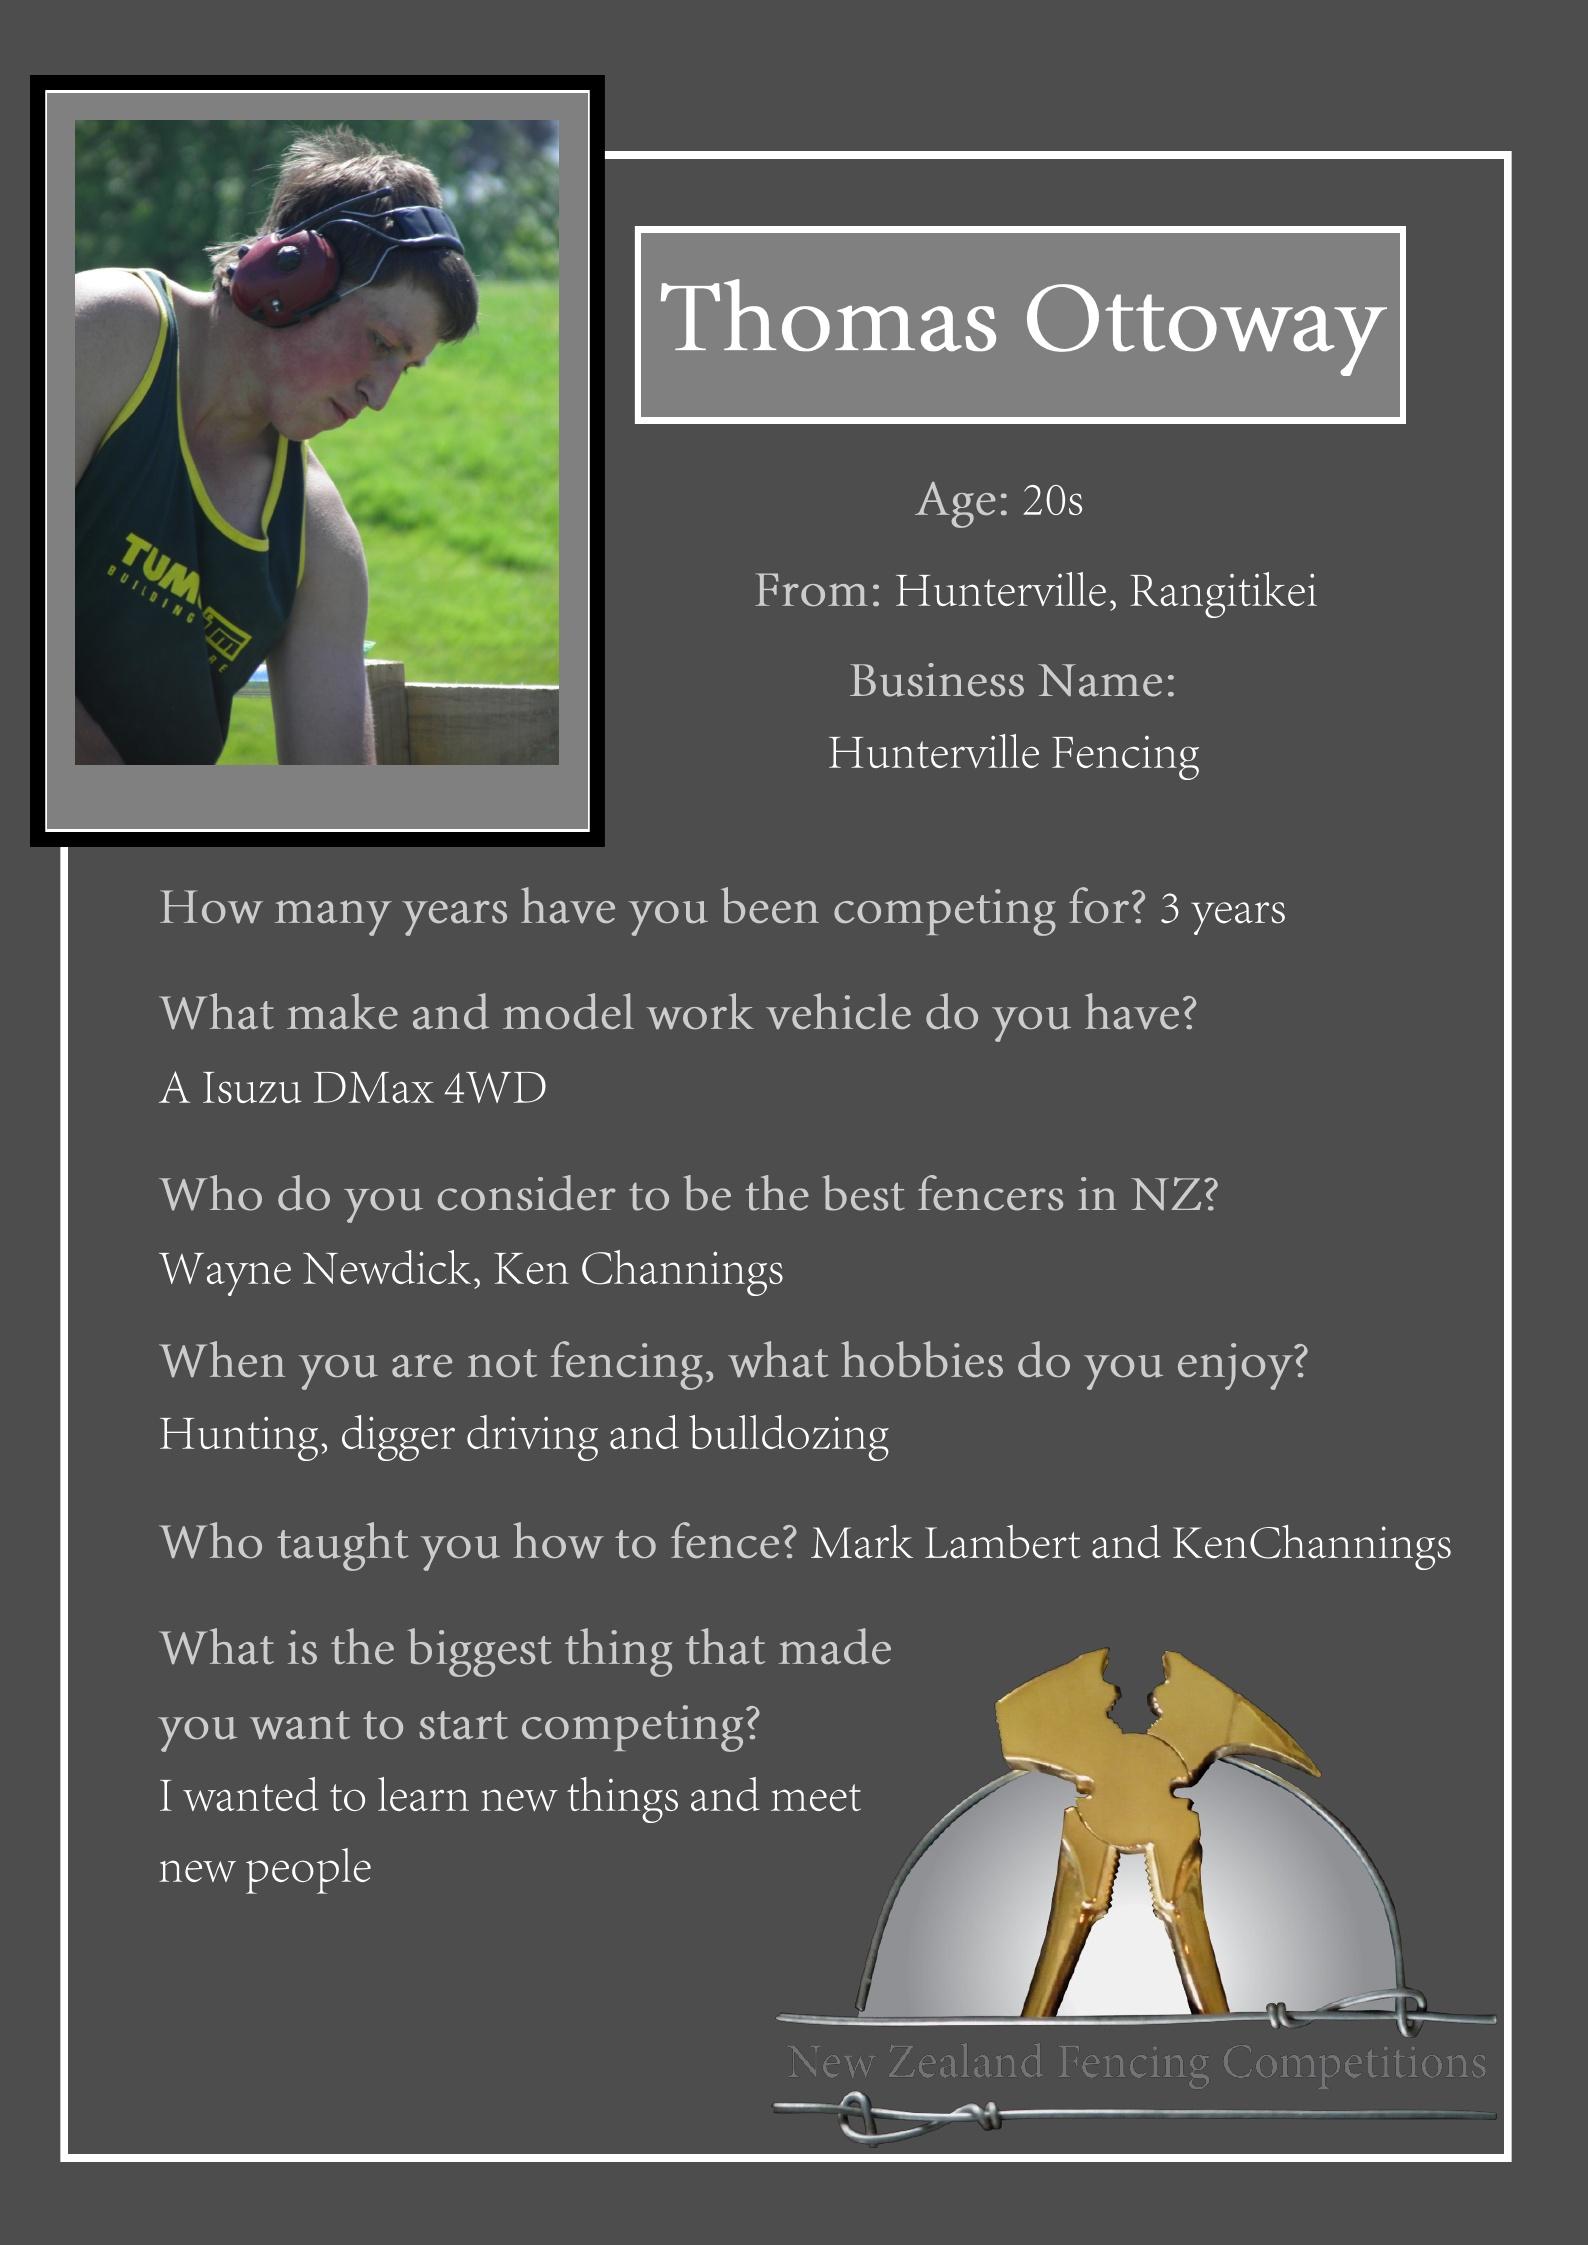 Thomas Ottoway